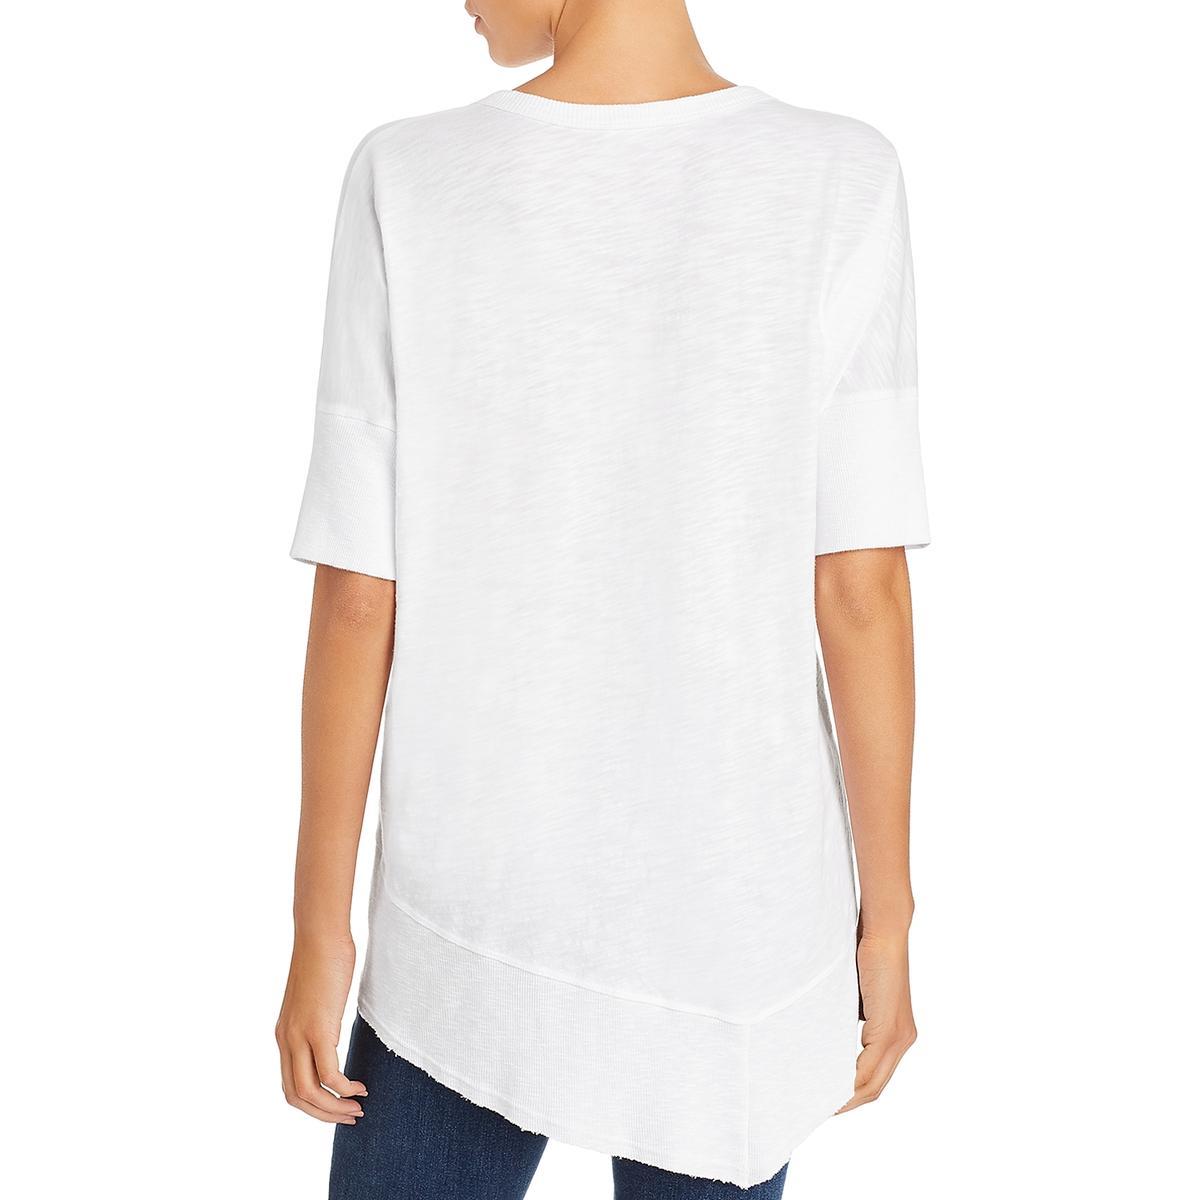 Wilt Womens Cotton V-Neck Short Sleeve Top Shirt BHFO 4235